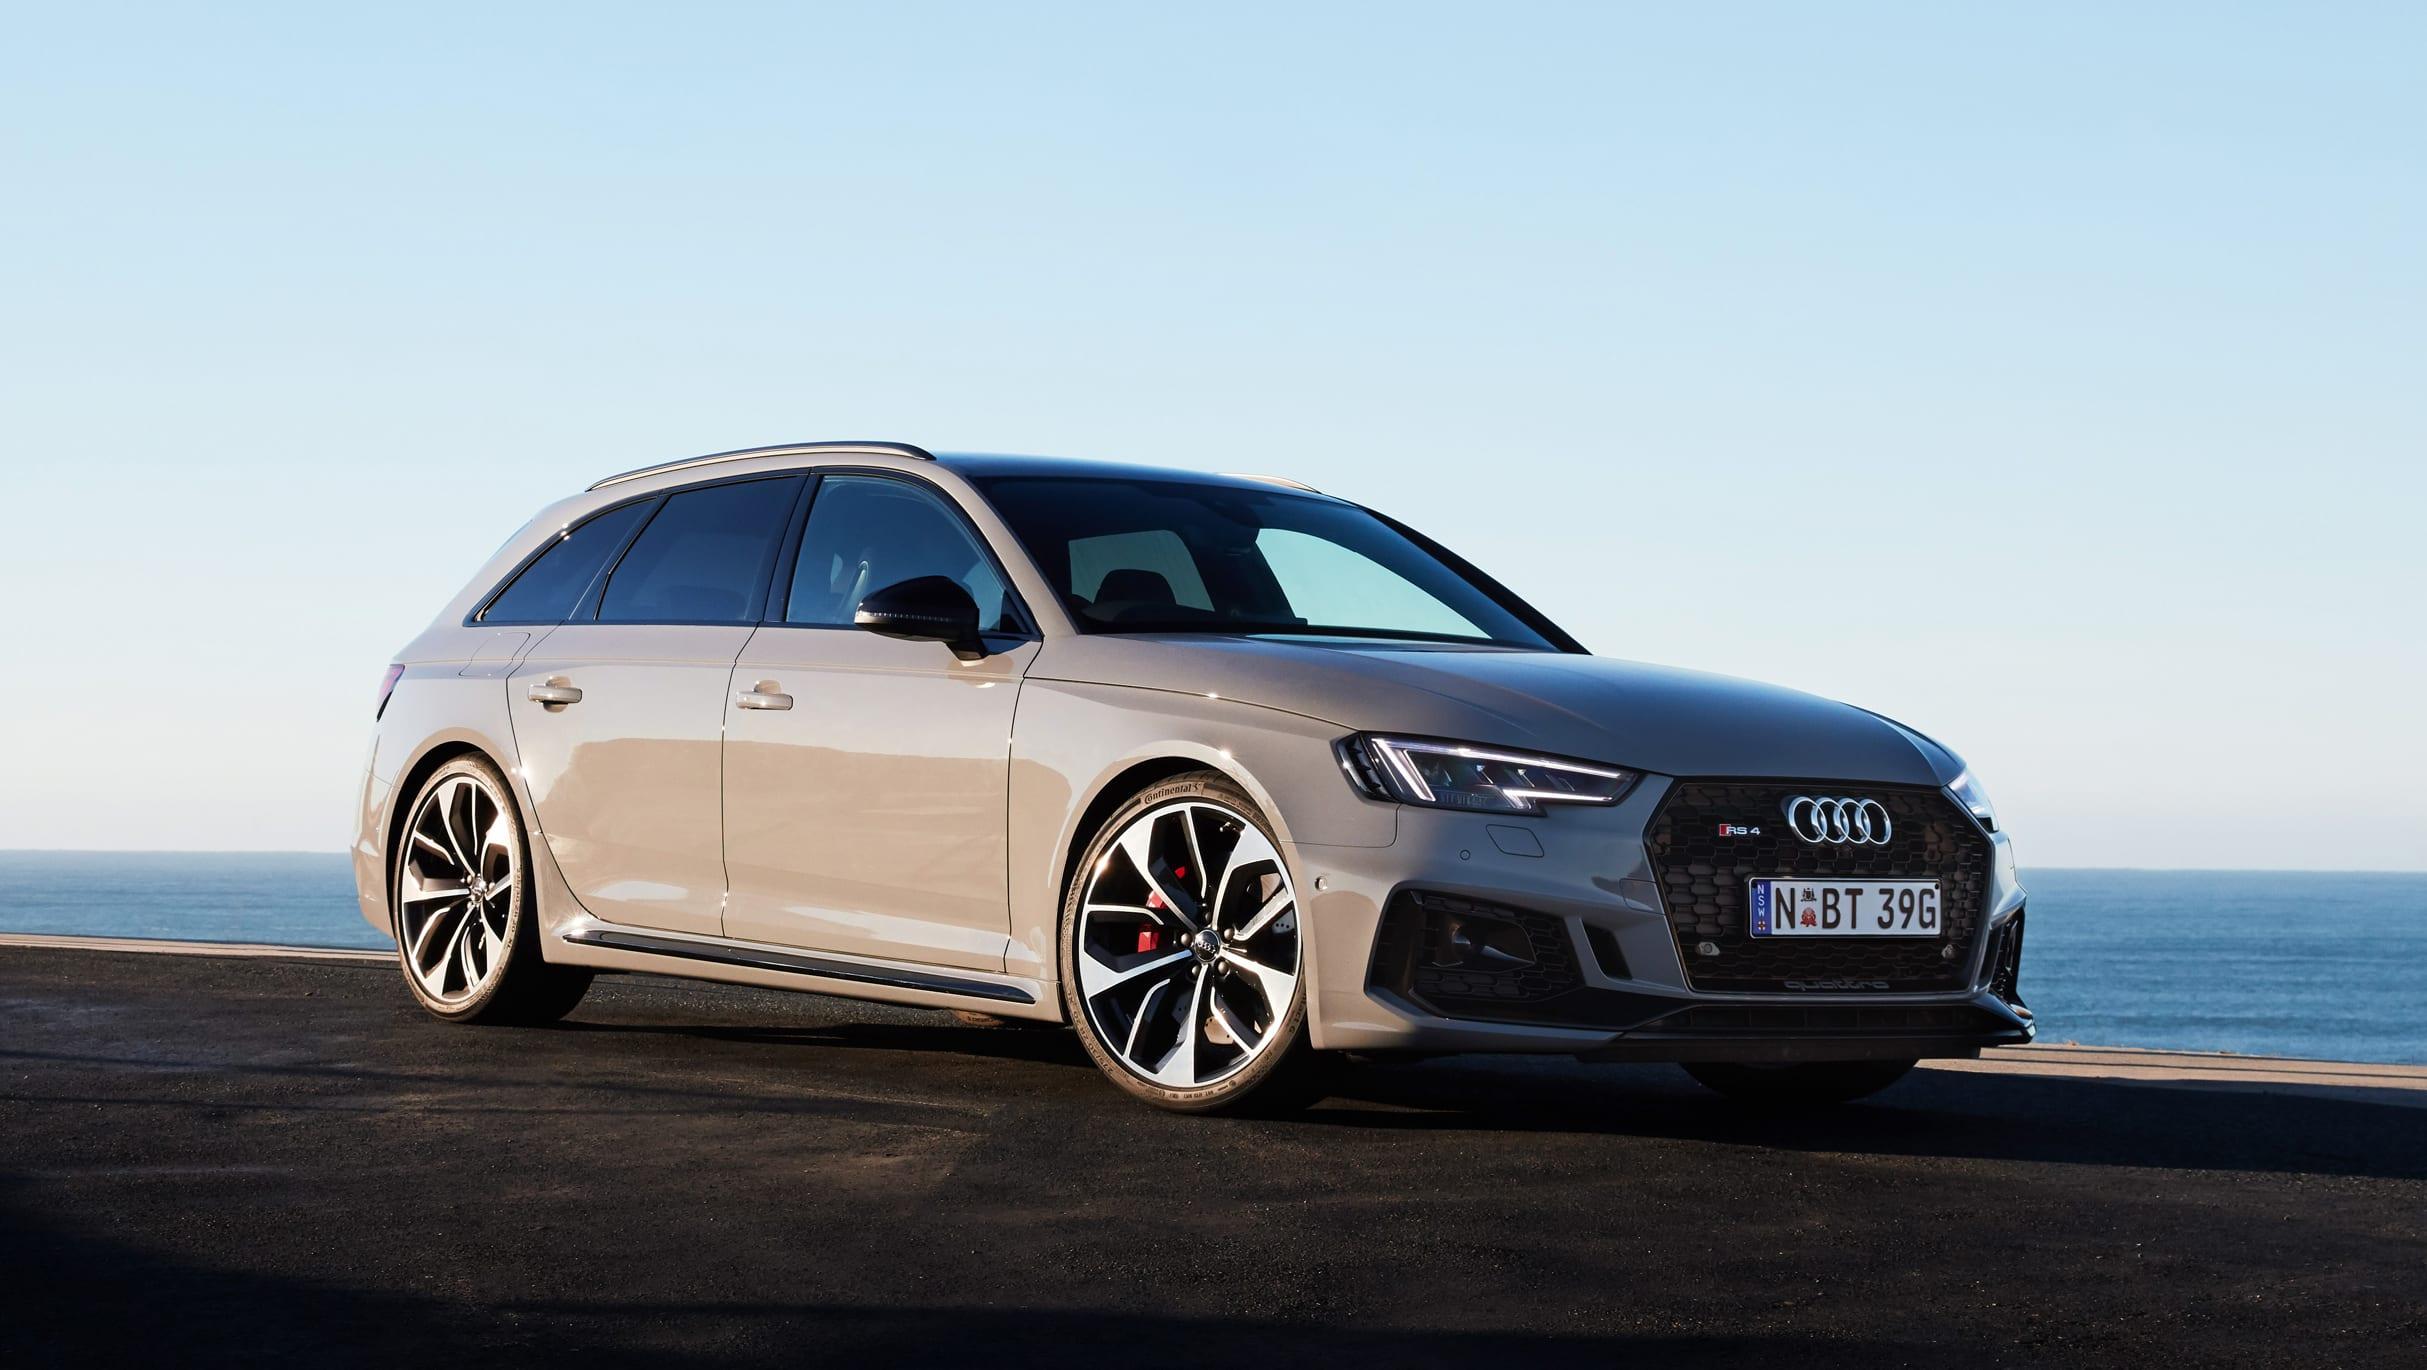 Kekurangan Audi Rs4 Avant 2018 Perbandingan Harga